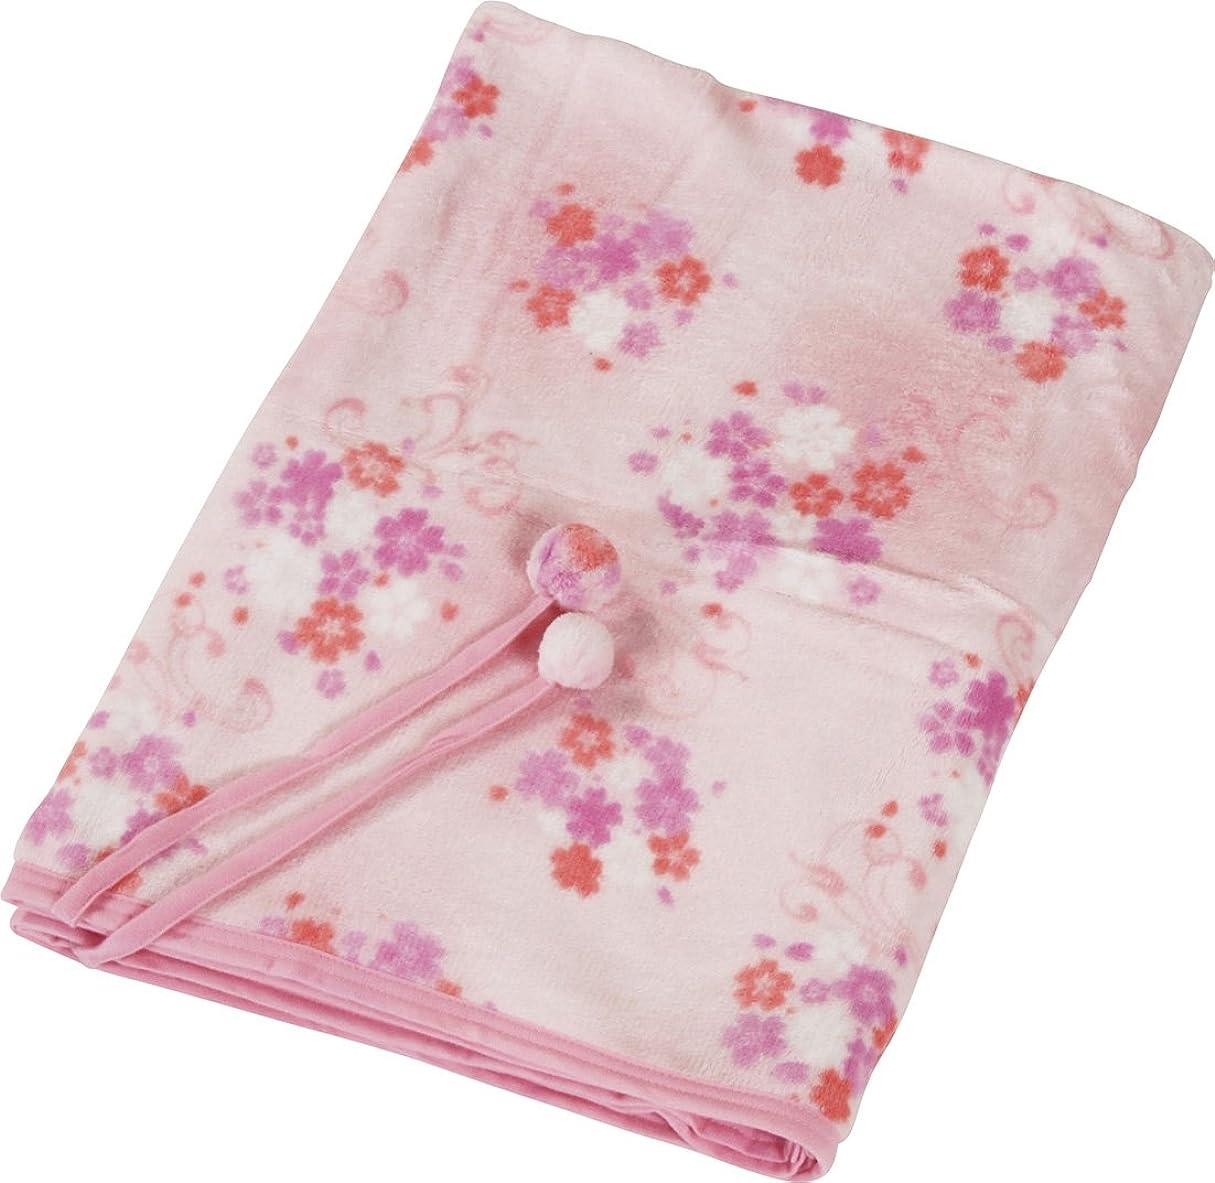 味わう中触覚Haruka?Style(ハルカ?スタイル) マイクロファイバー3WAYケット 桜柄 100×150cm ピンク